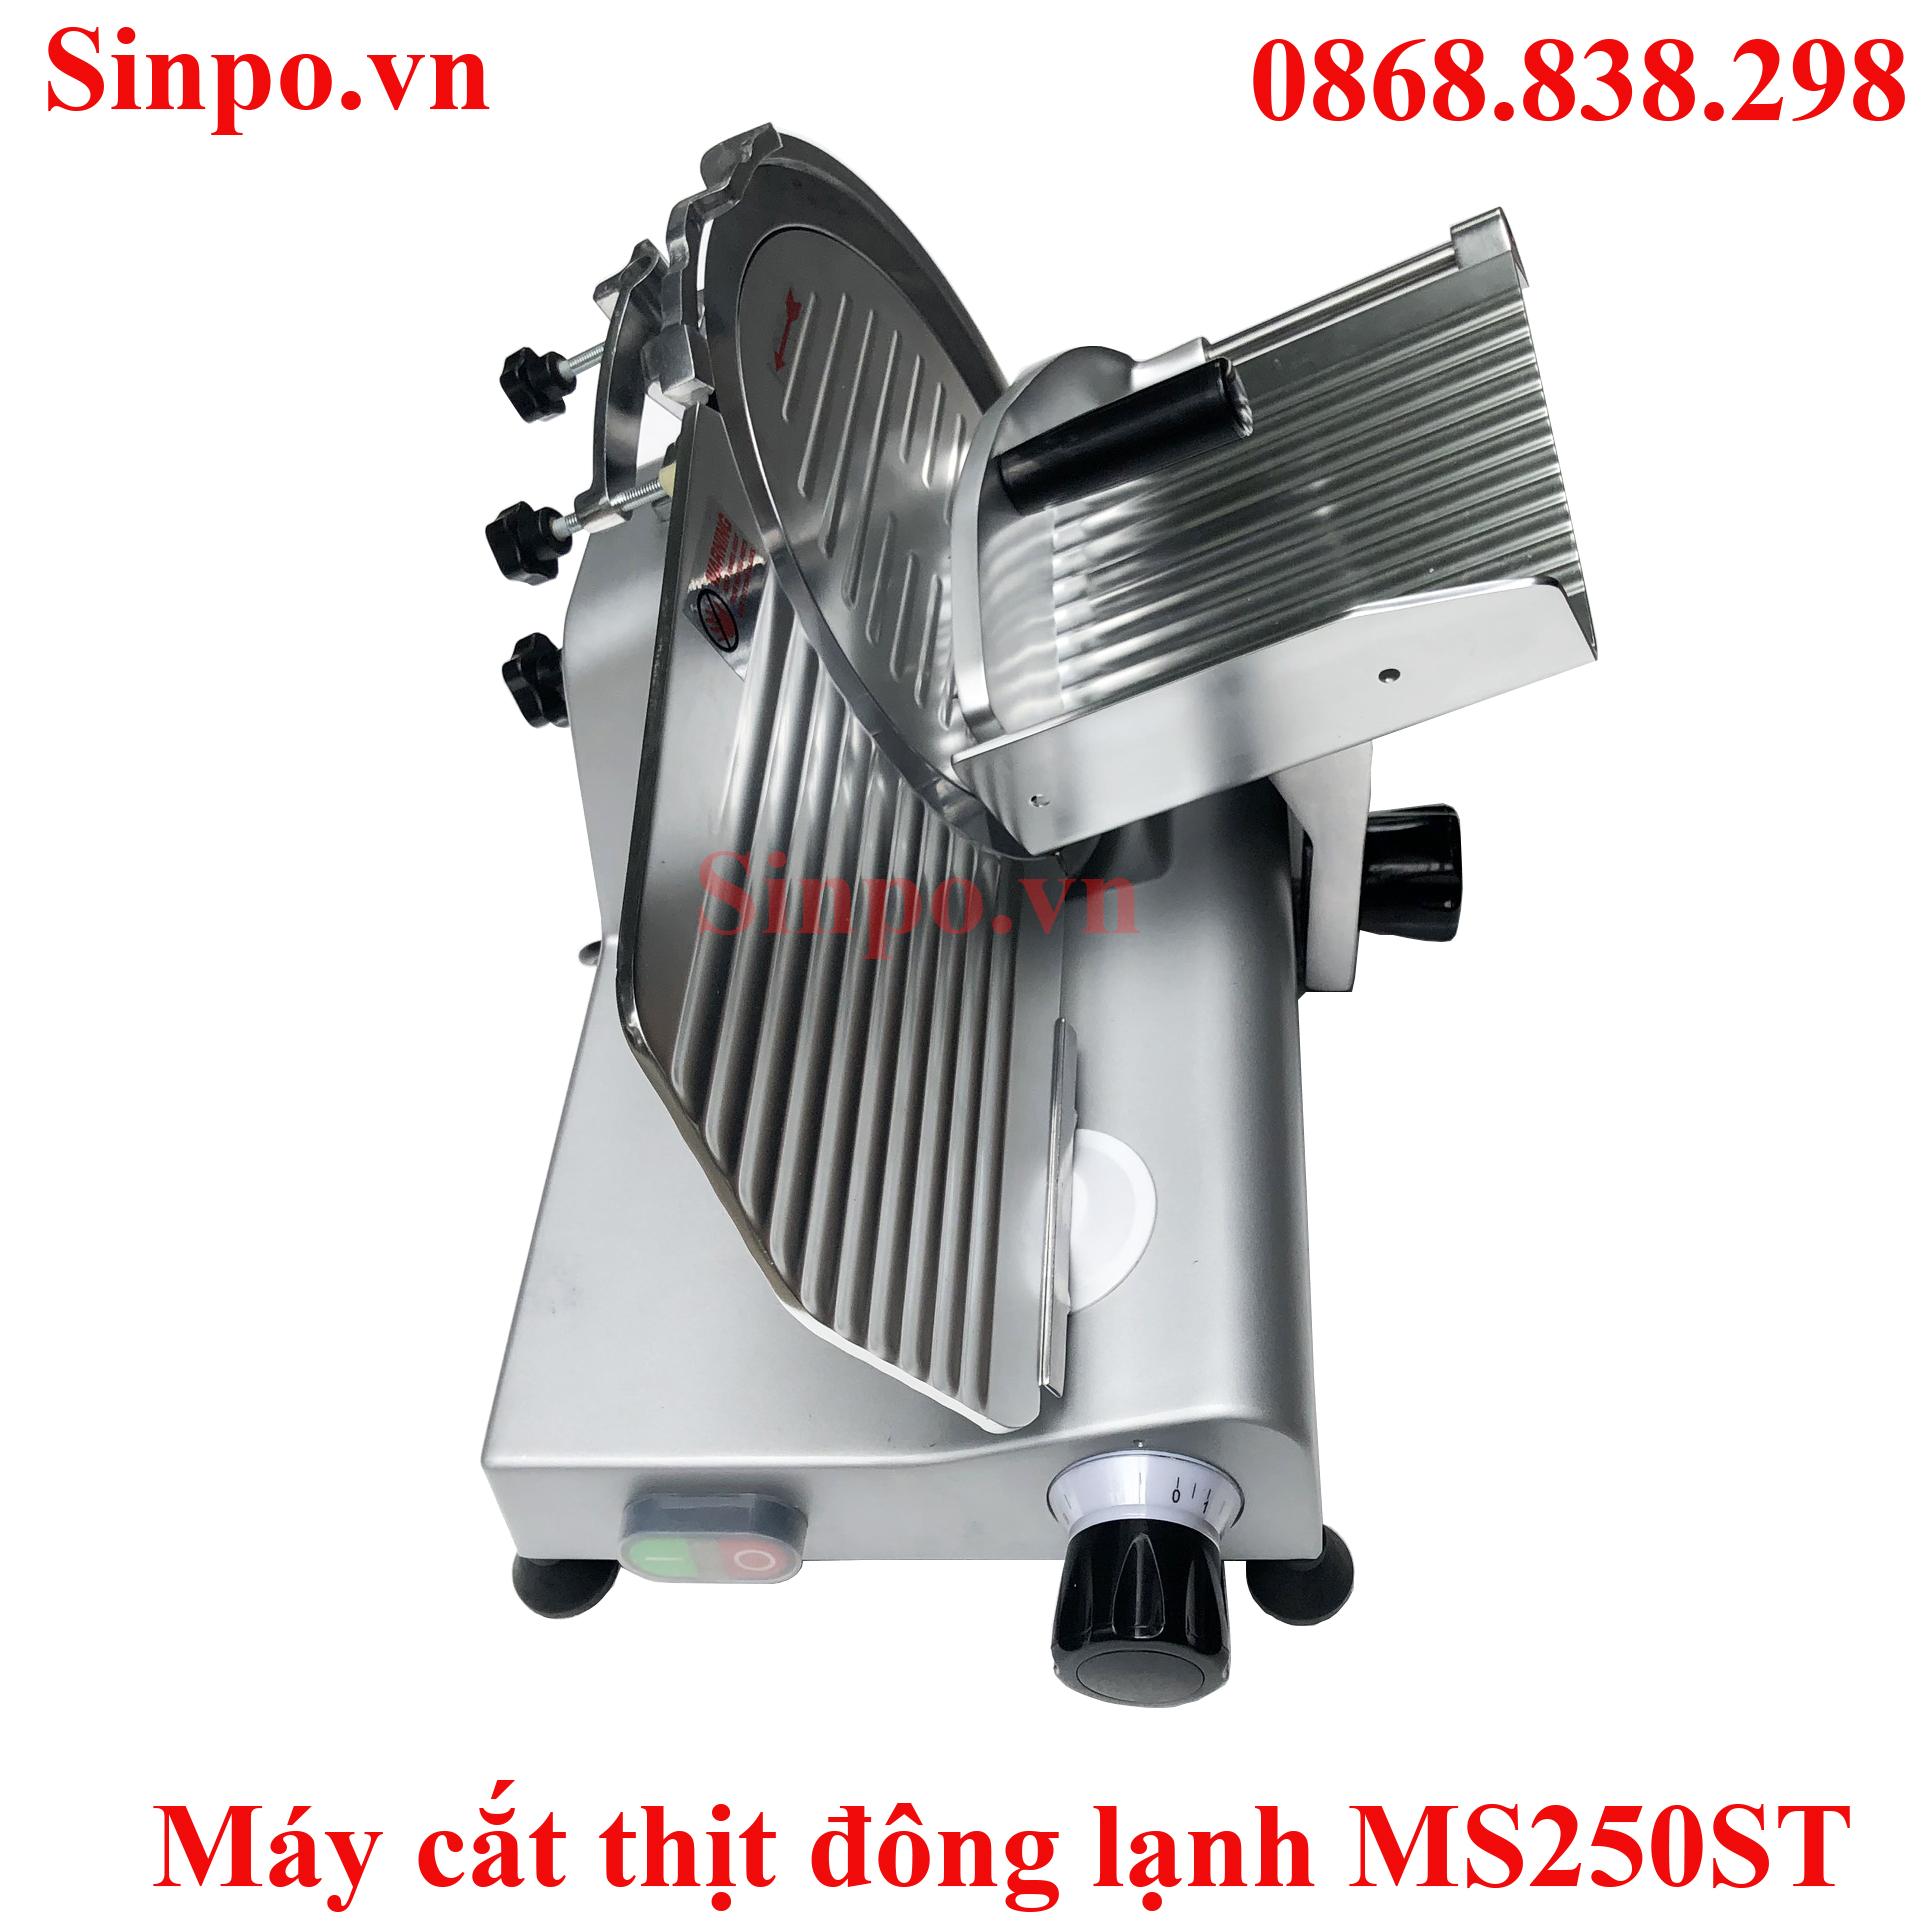 Máy cắt thịt đông lạnh MS250ST